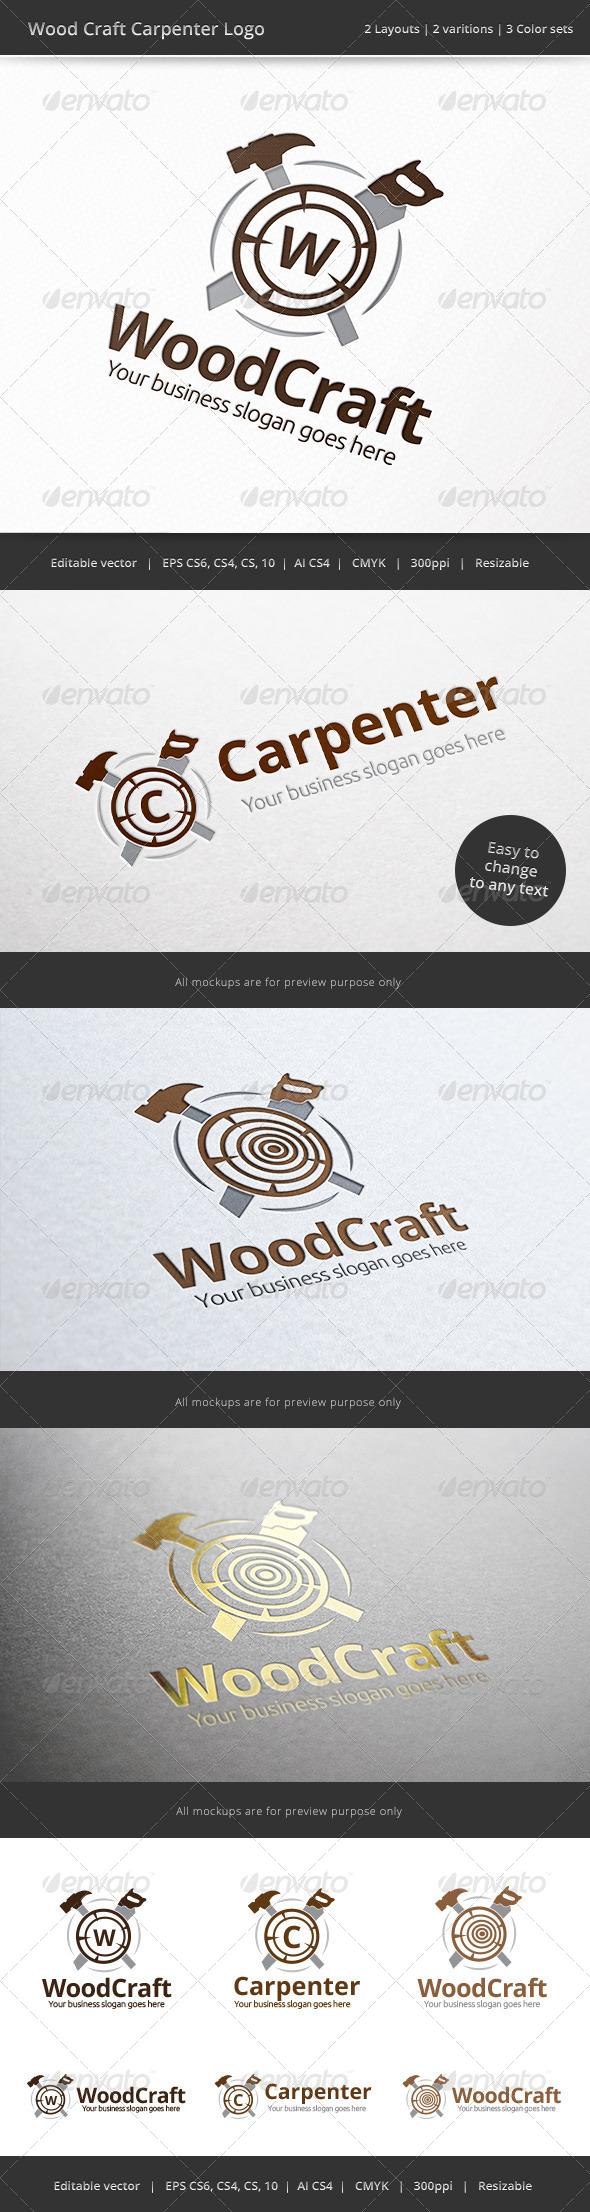 Carpenter Wood Craft Logo